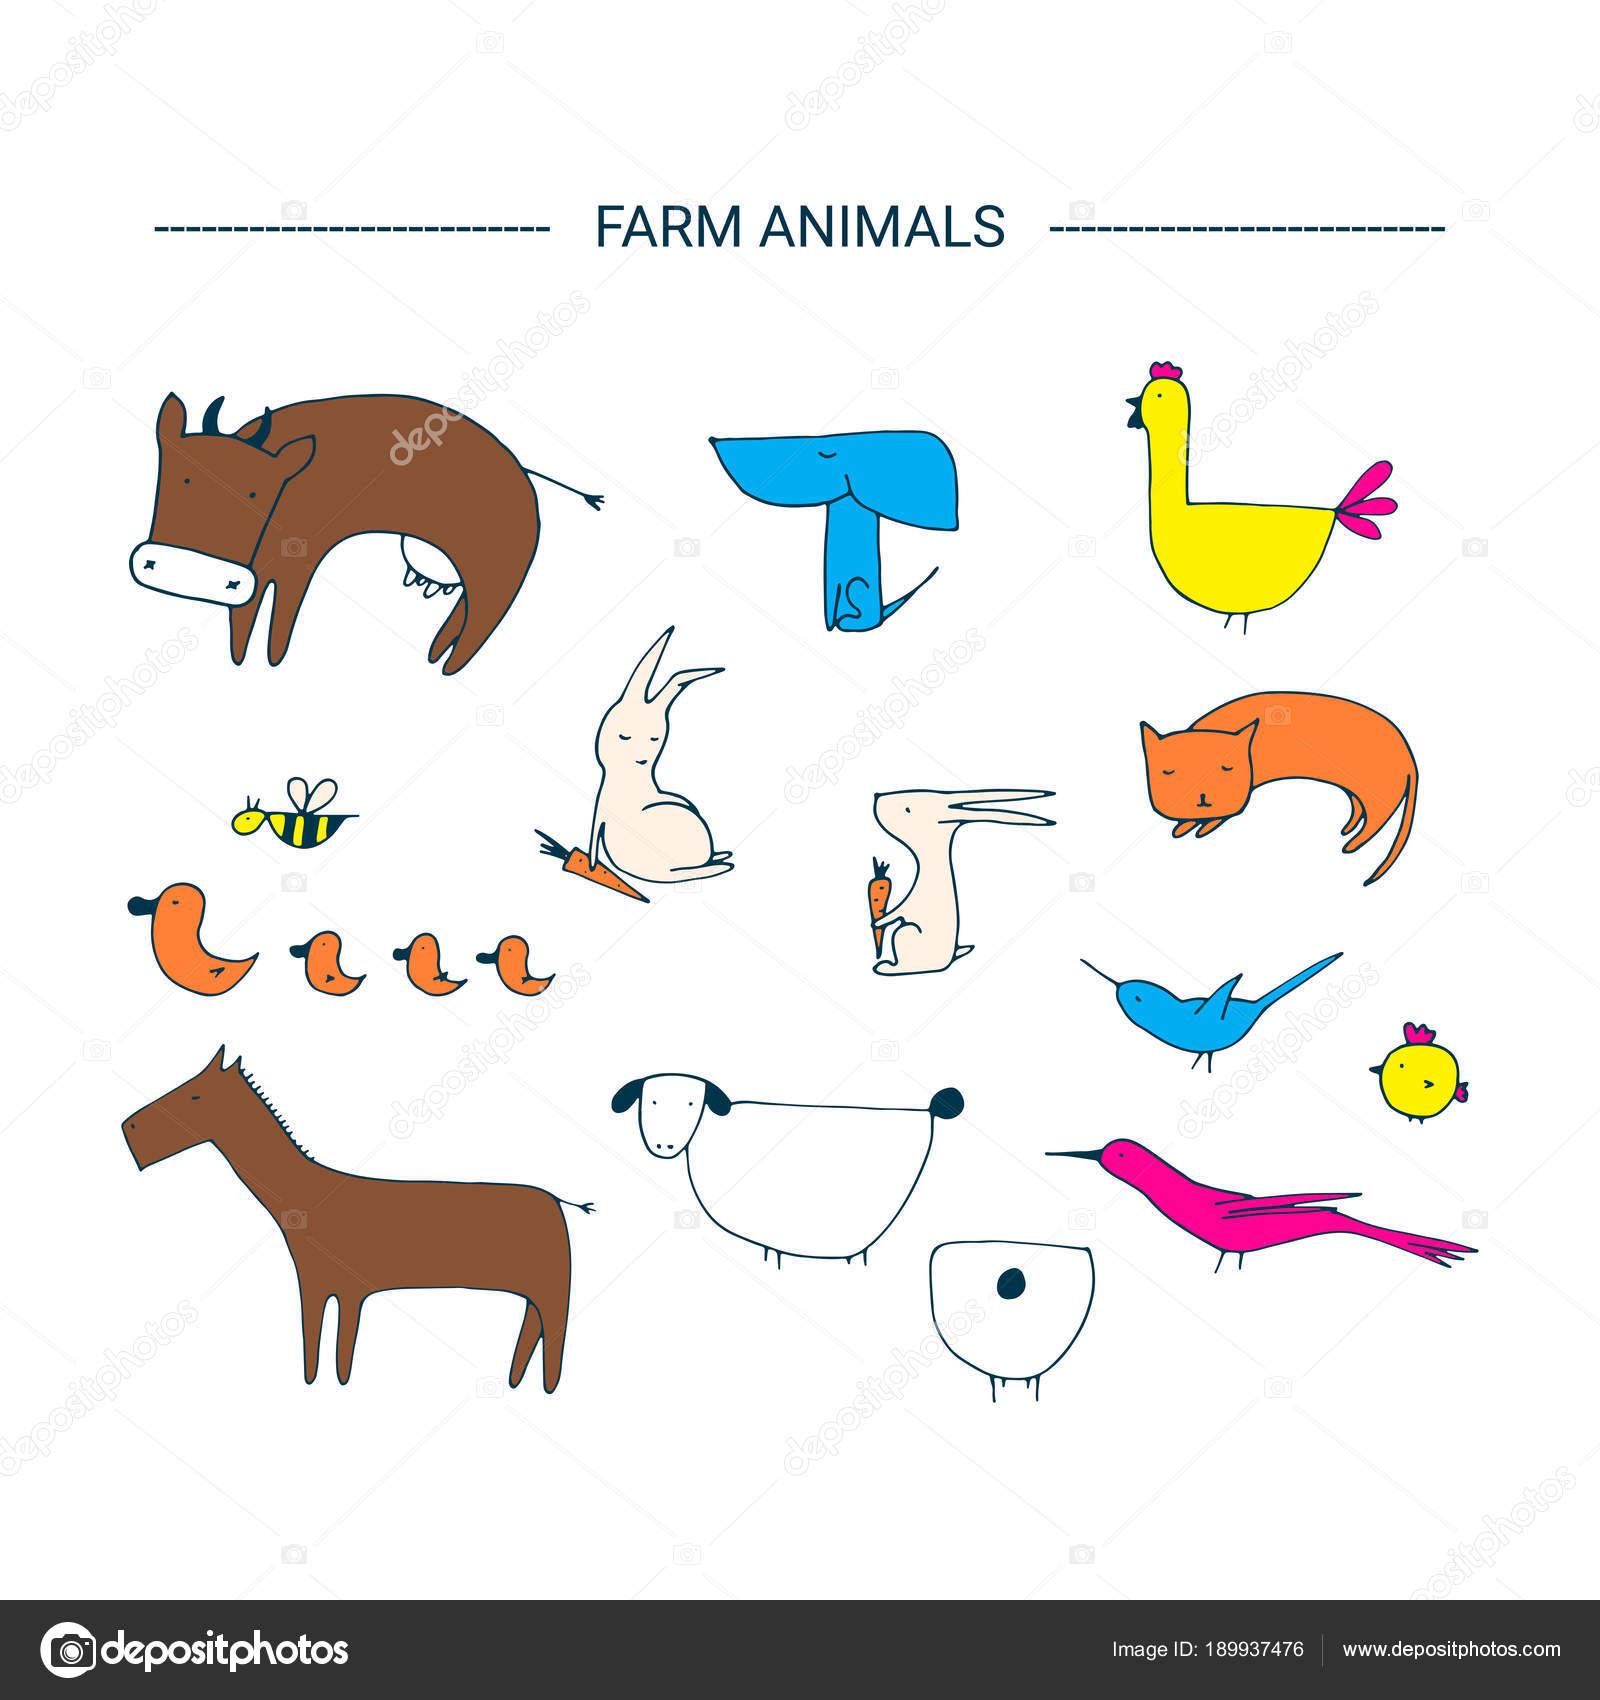 ファーム動物クリップアート要素 — ストックベクター © elinkim #189937476